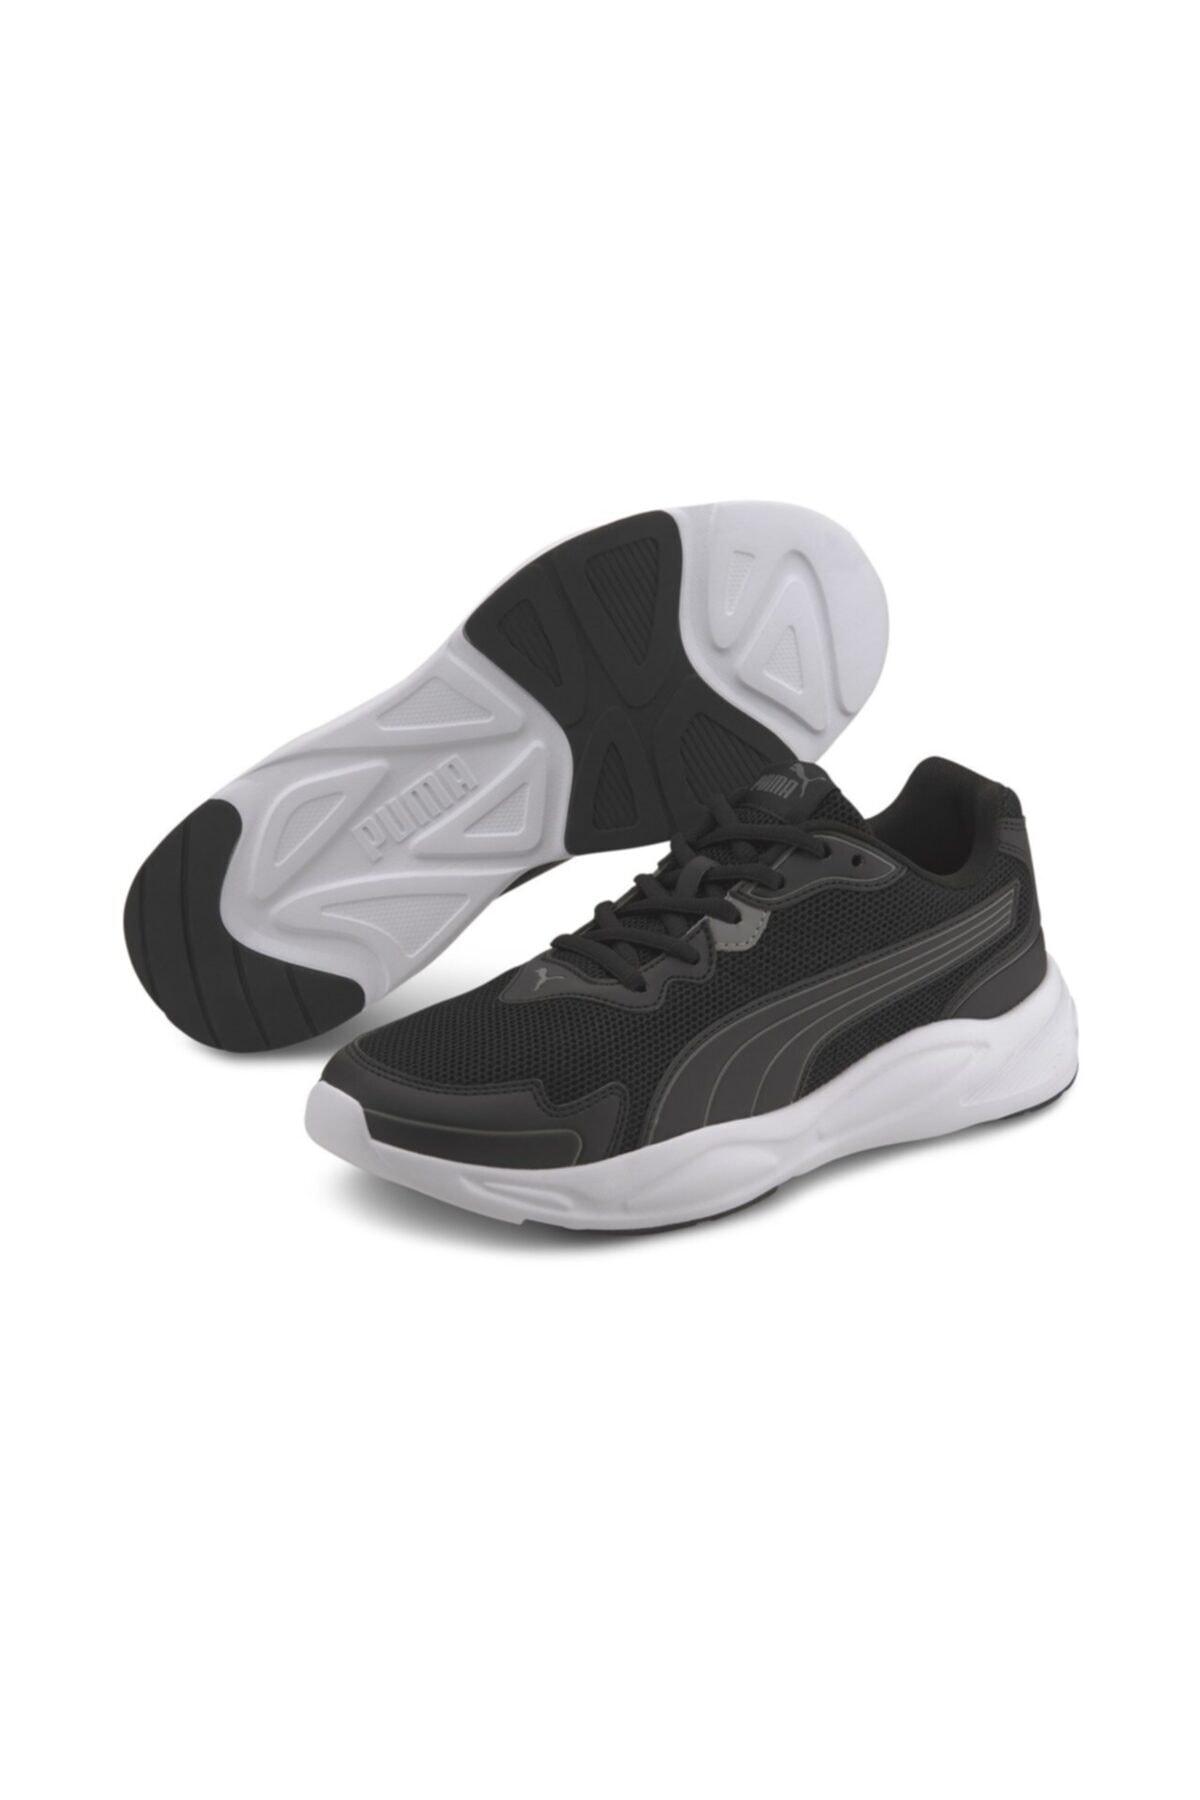 Puma 373017-01 90s Runner Nu Wave Kadın Erkek Günlük Spor Ayakkabı 1